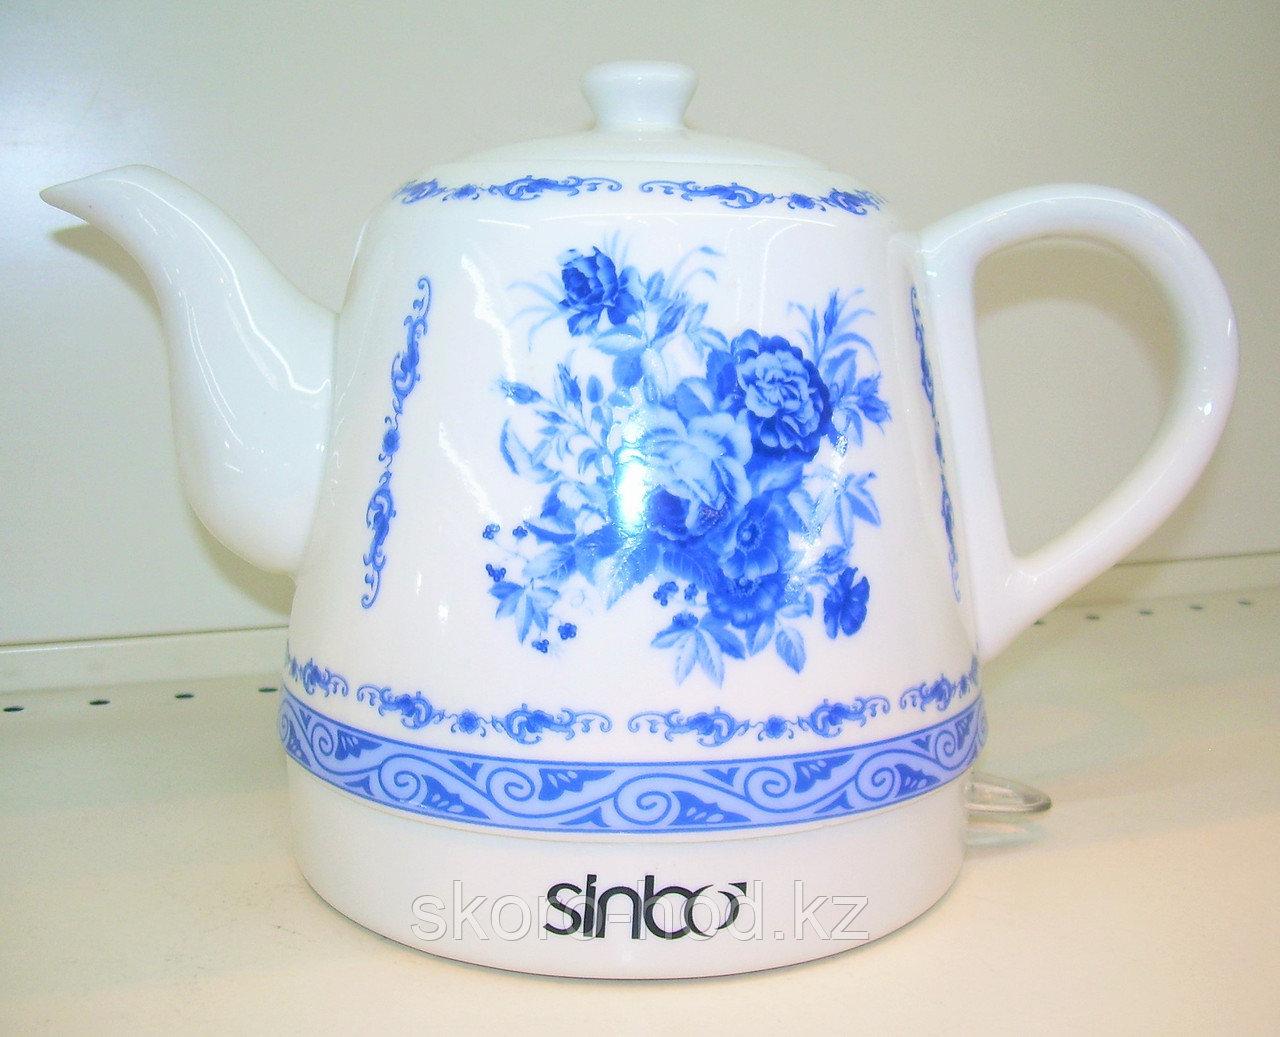 Электрочайник Sinbo керамический 1,5 литра